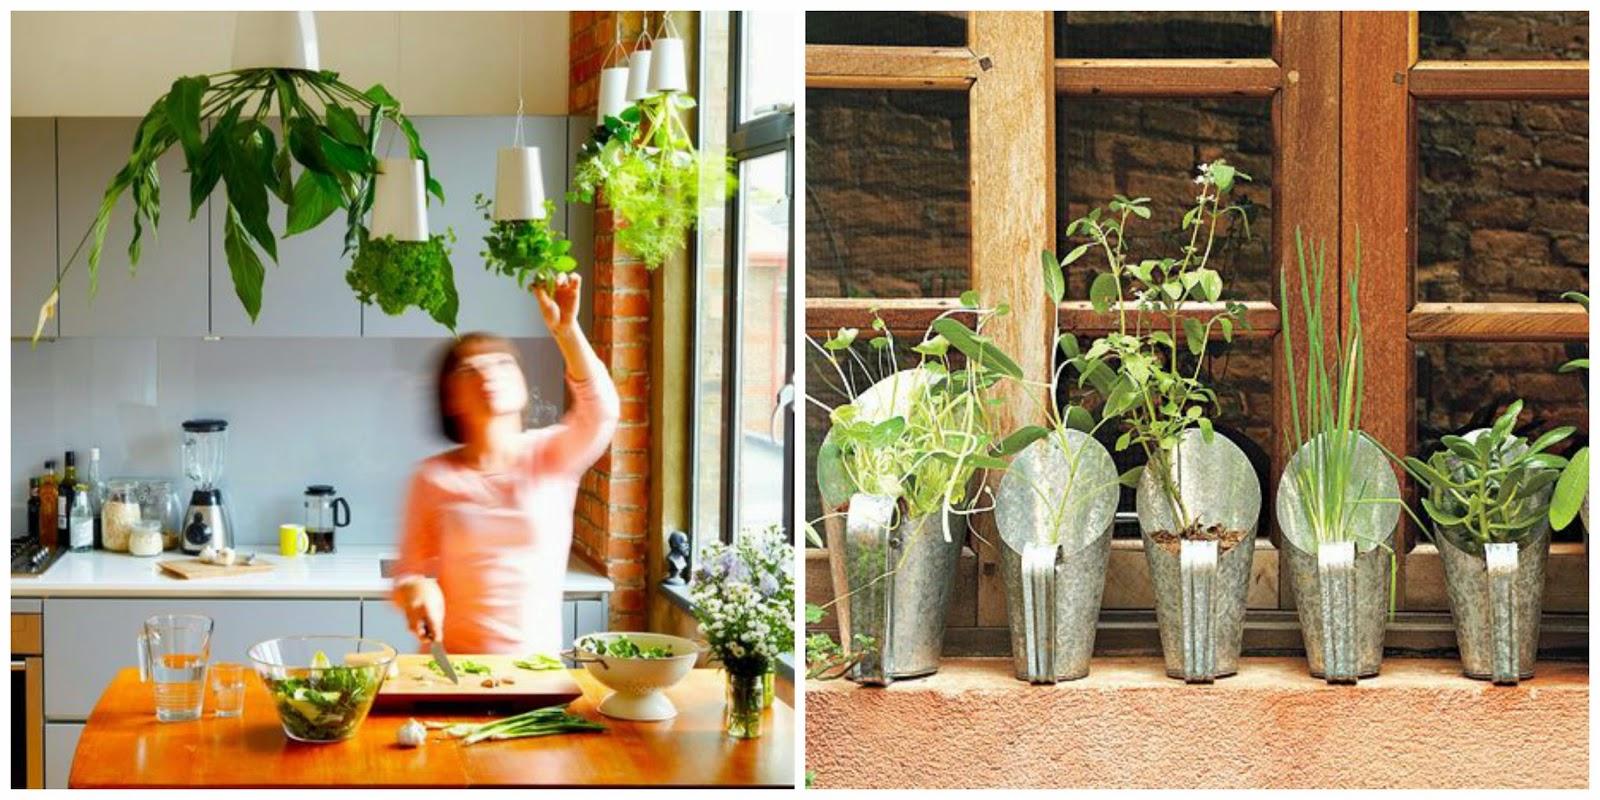 cozinha com horta